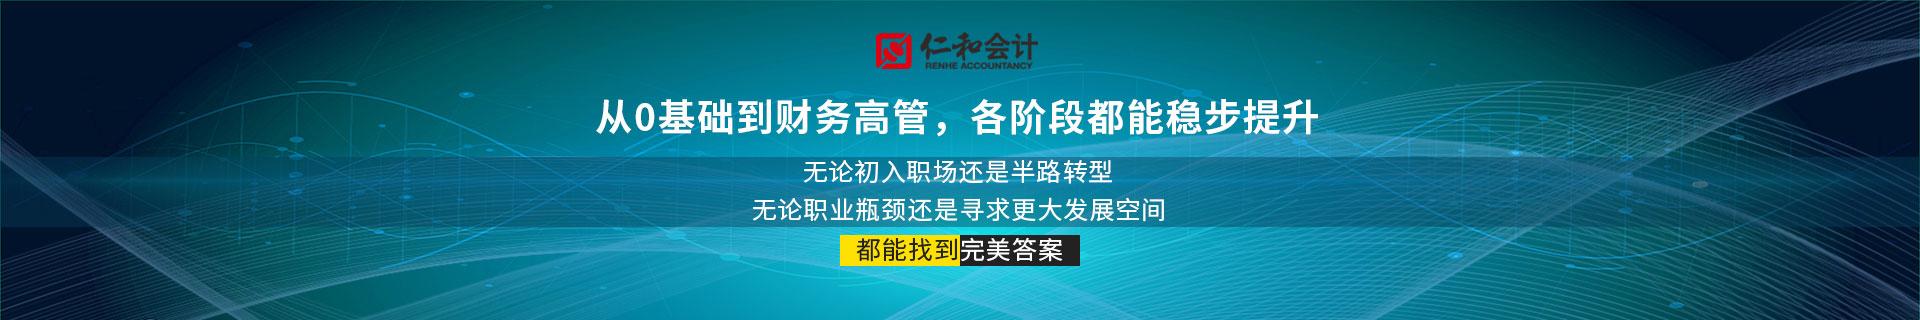 南昌东湖区仁和会计培训机构